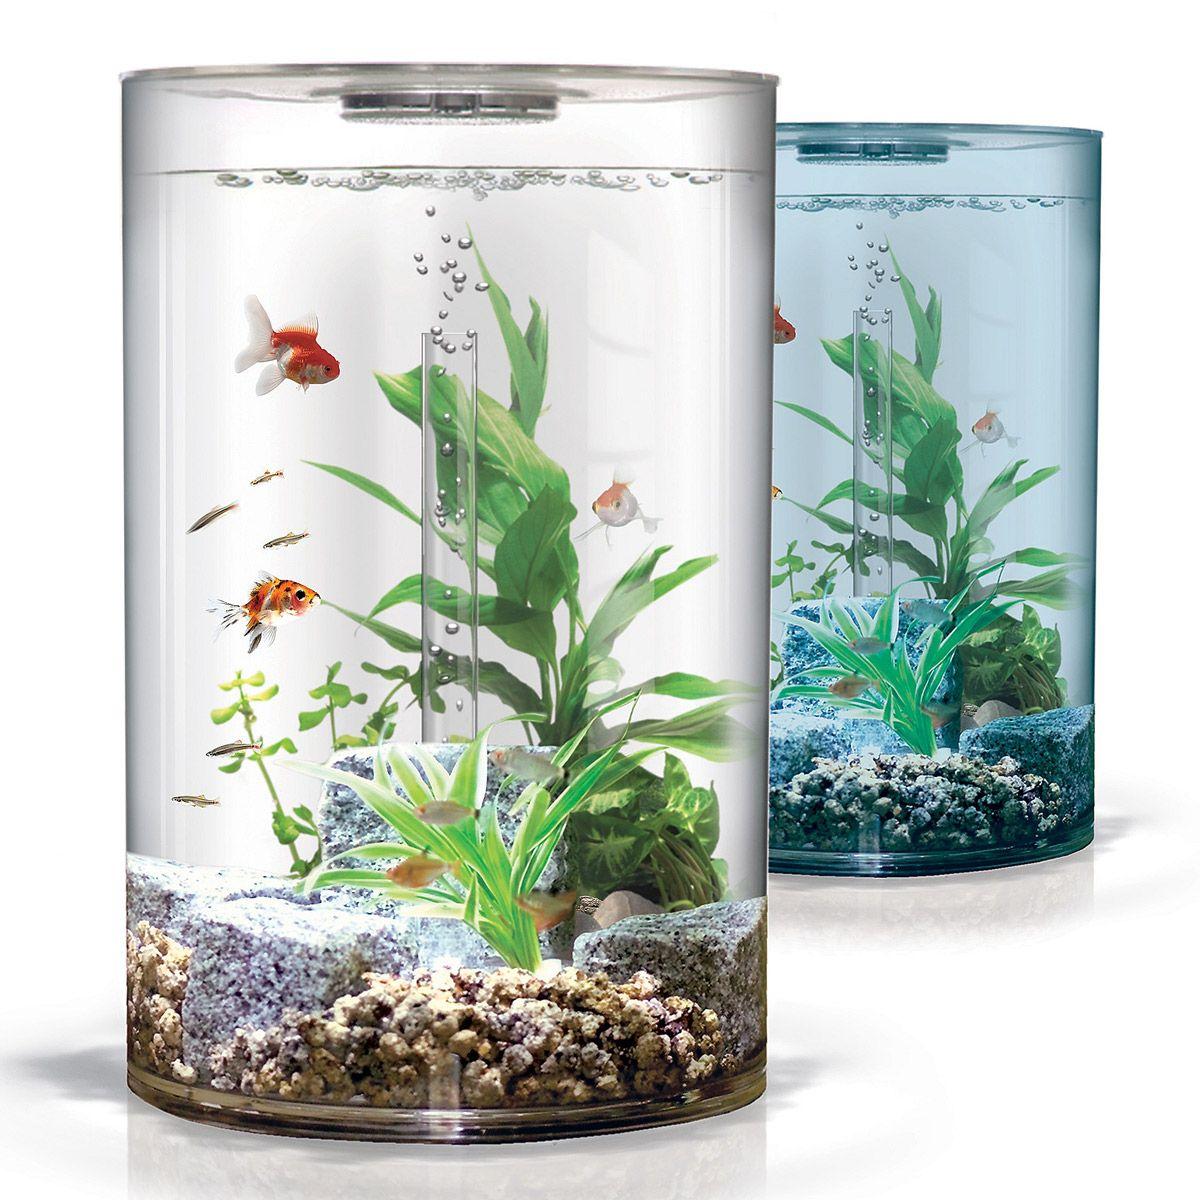 Images For Small Aquarium Fish Small Fish Tanks Aquarium Design Fish Tank